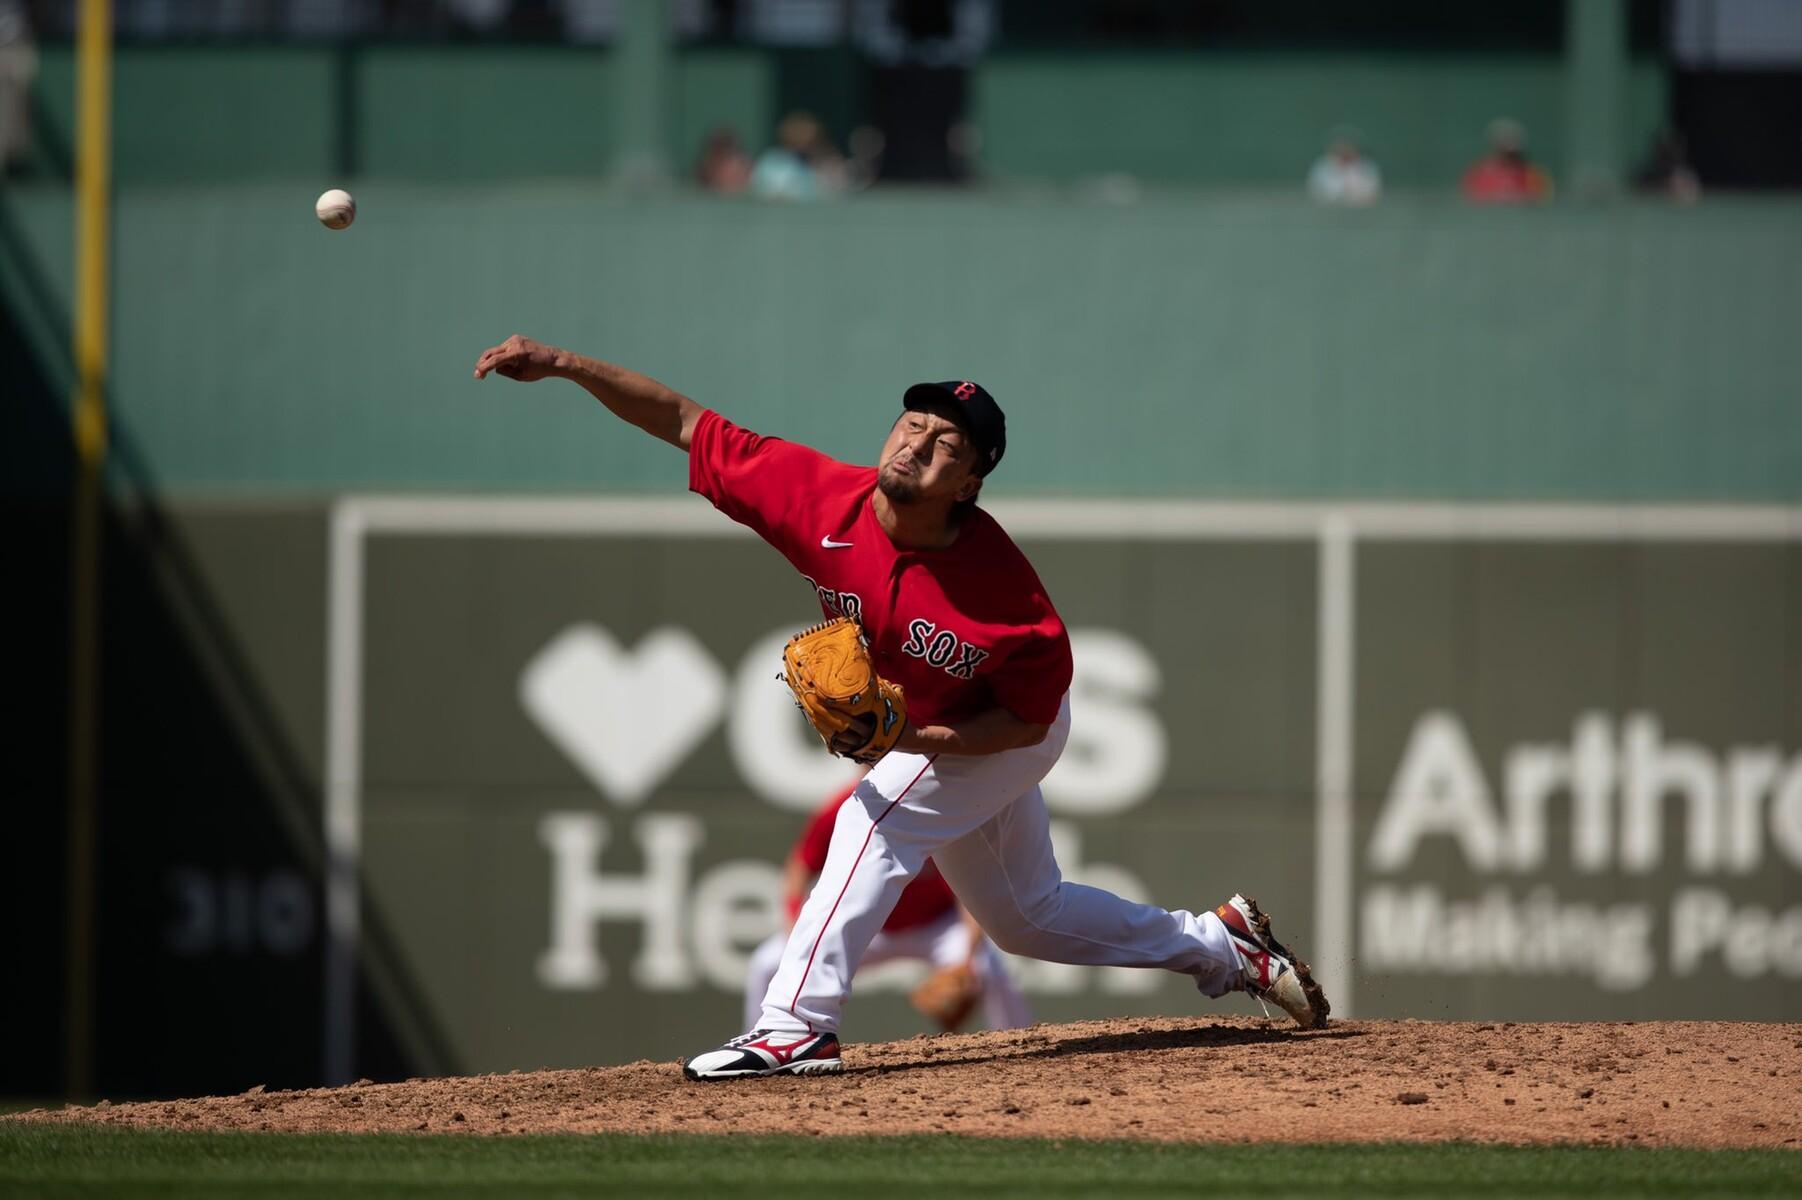 レッドソックス・澤村、初登板は2/3回1失点 2死後に二塁打→3連続四球で降板